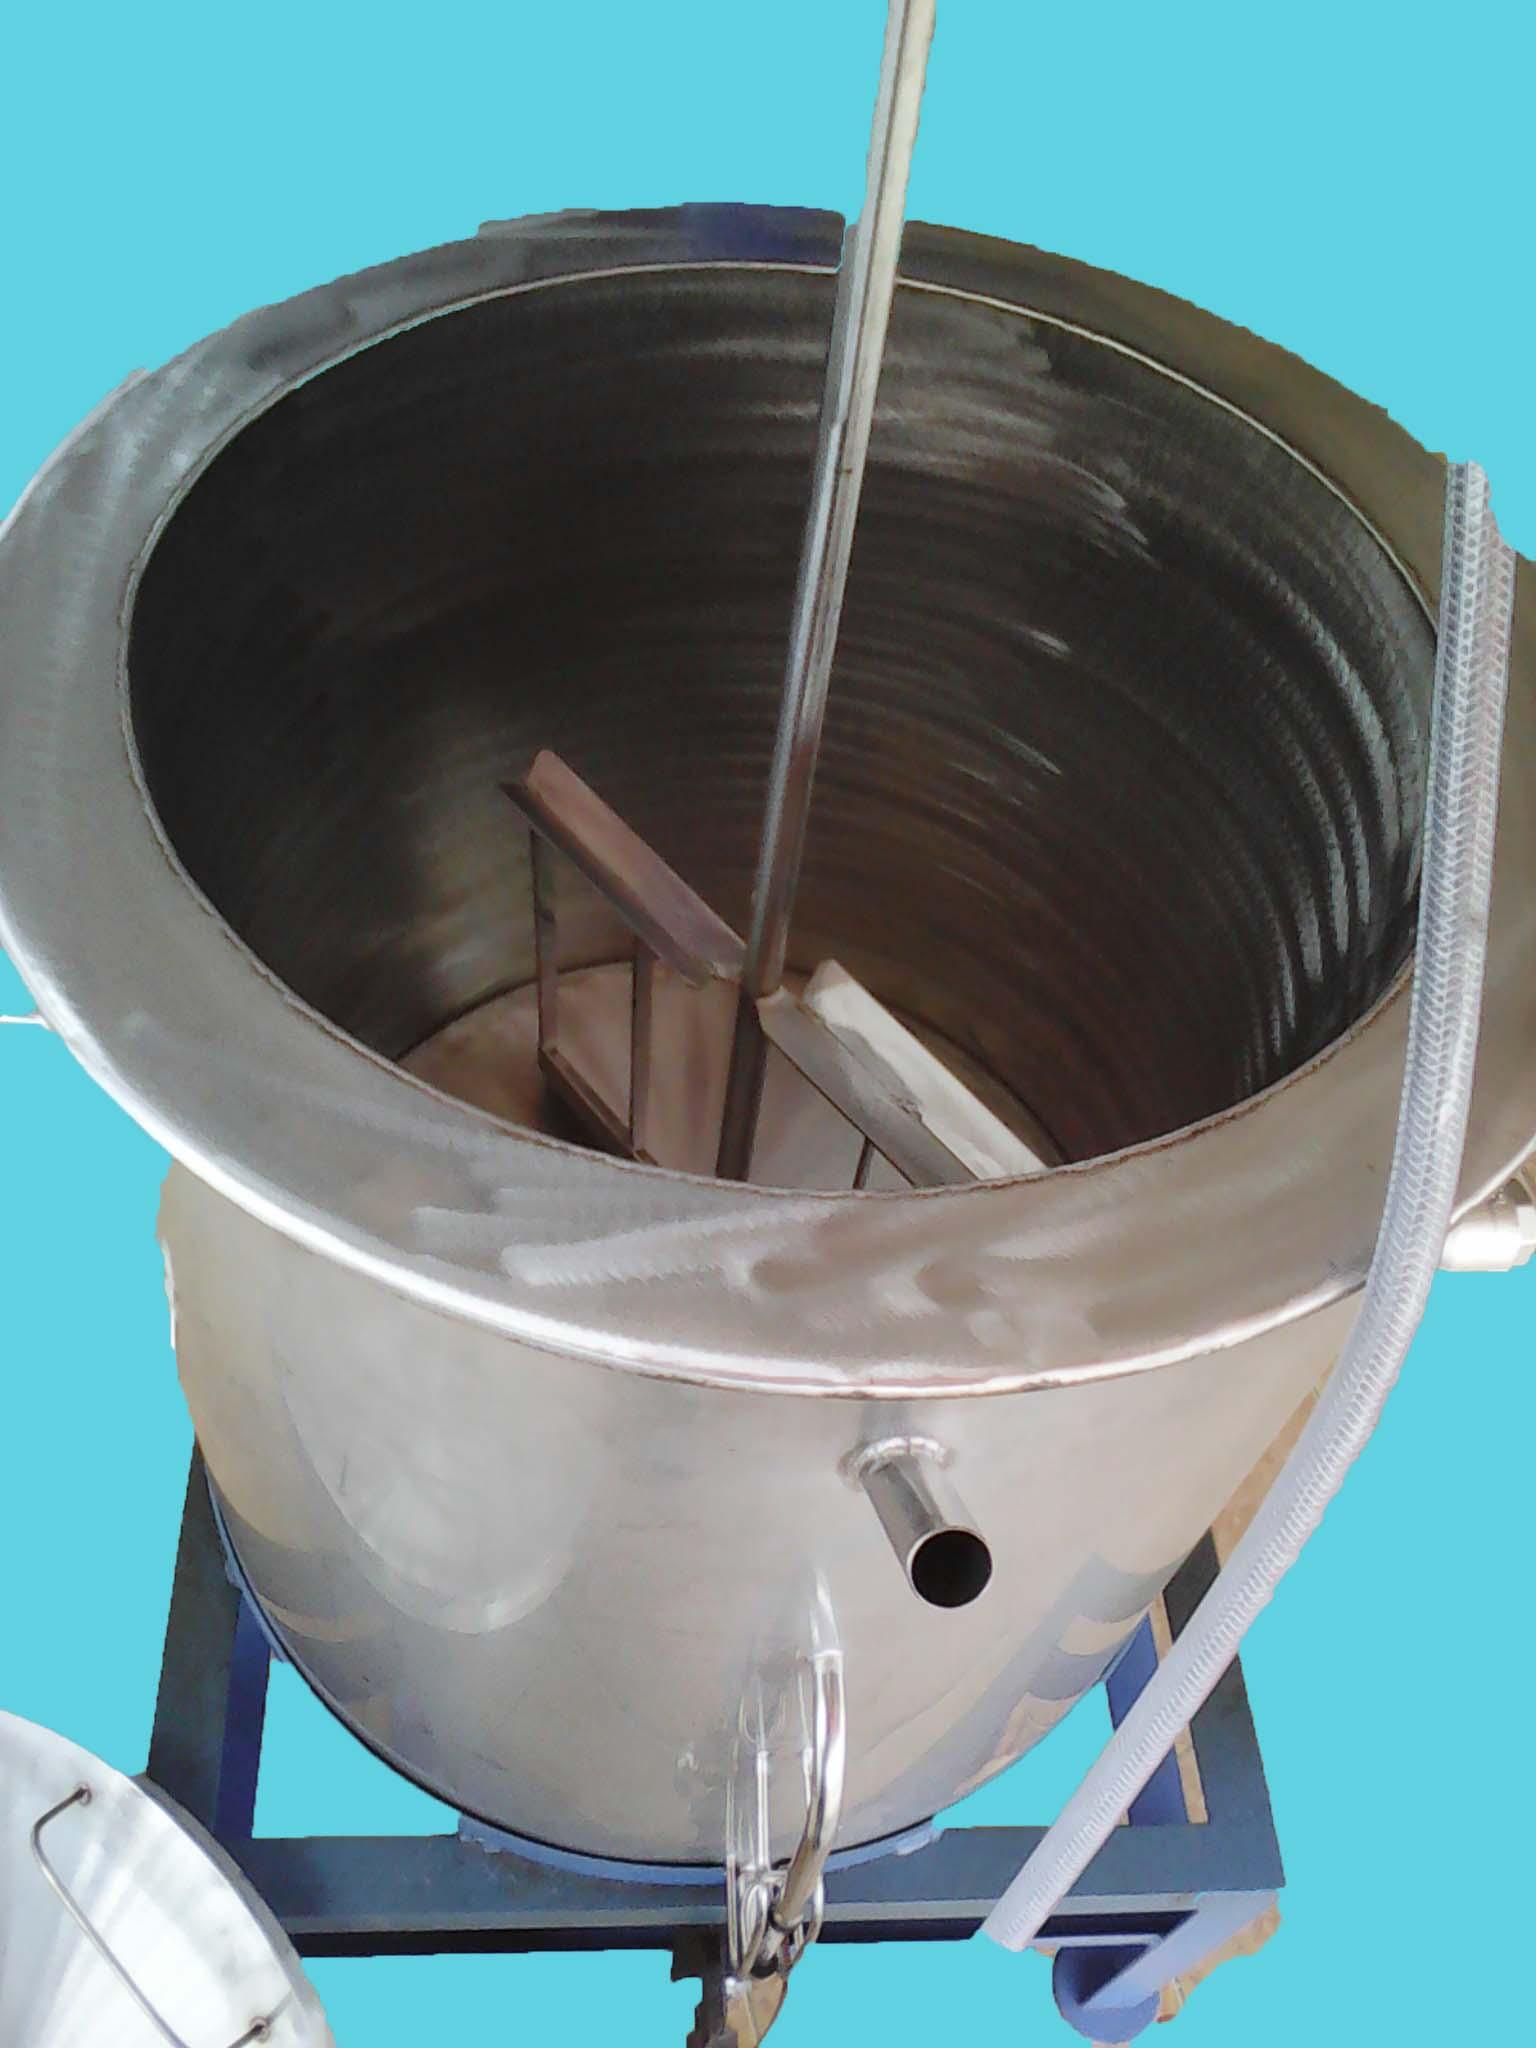 ภายในถังต้มนำจิ้มชาบู-สุกี้